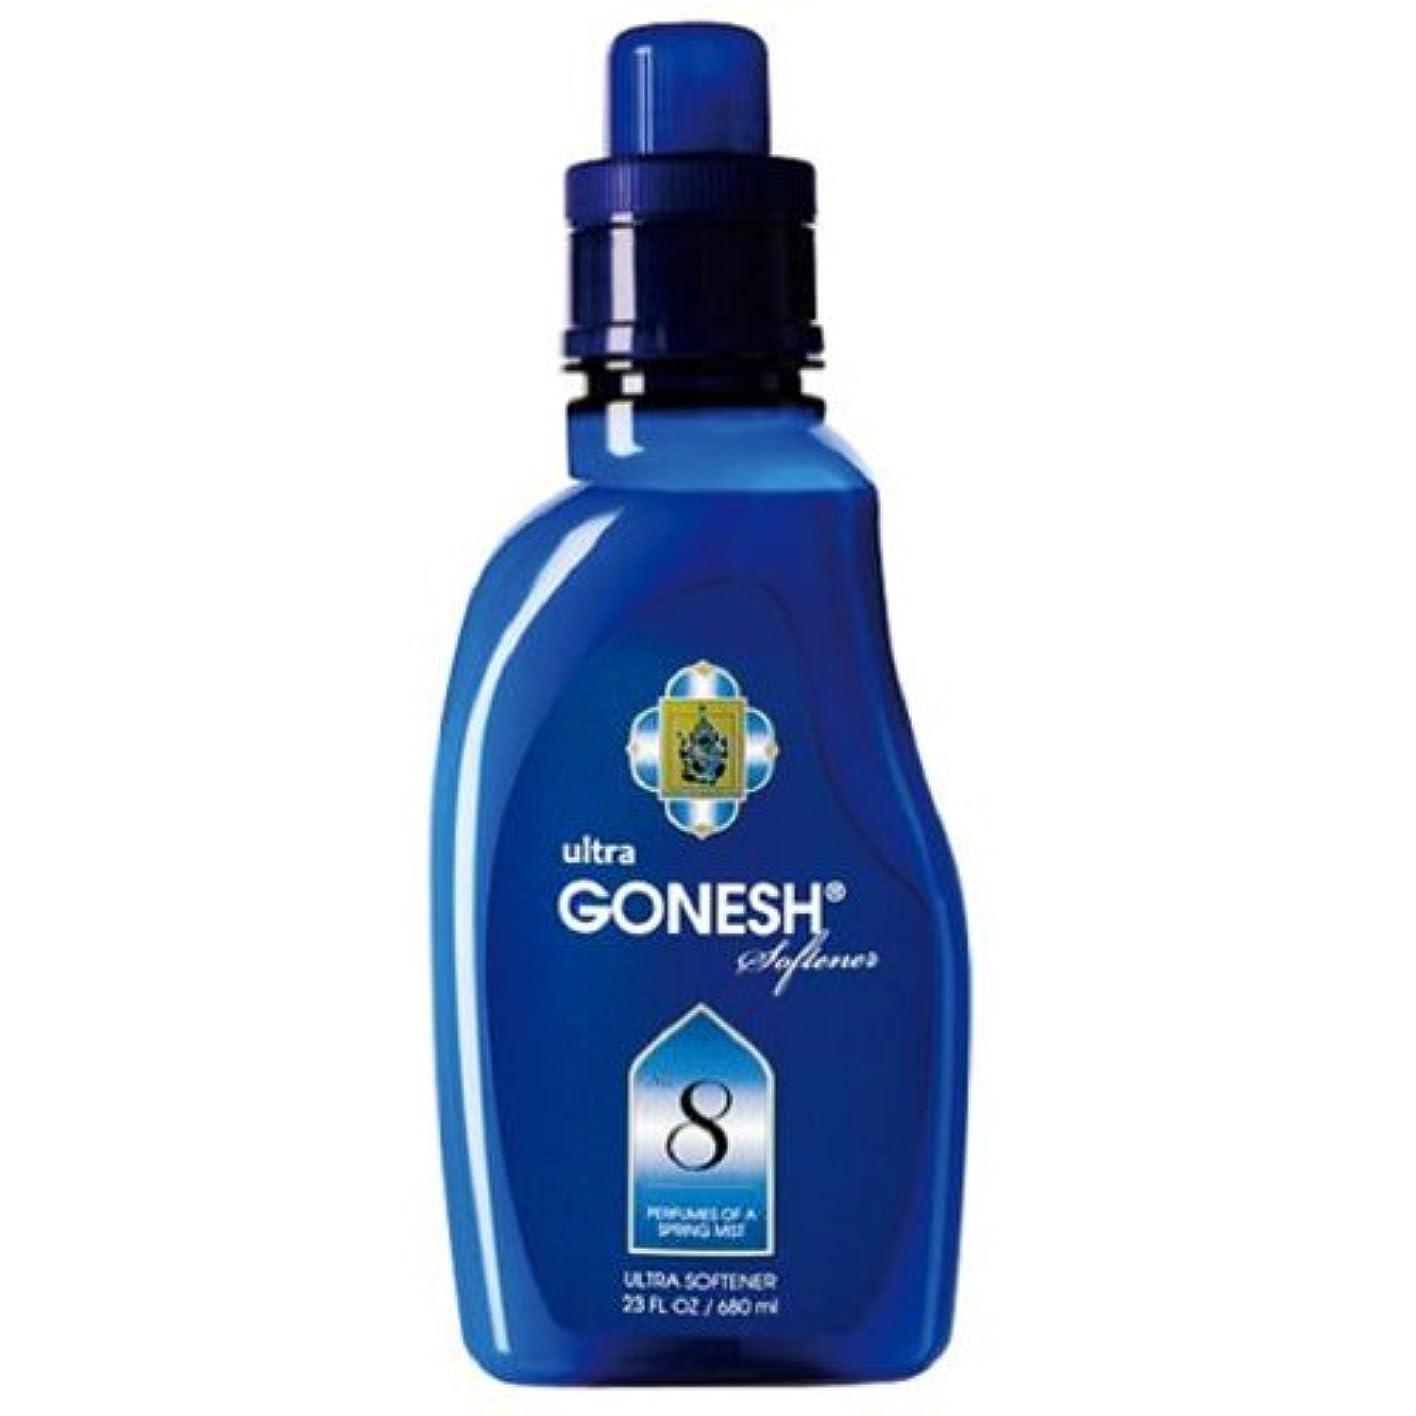 礼儀悲しむ摘むGONESH(ガーネッシュ)ウルトラソフナー NO.8 680ml 柔軟剤 (ほのかに甘いフルーツ系の香り)